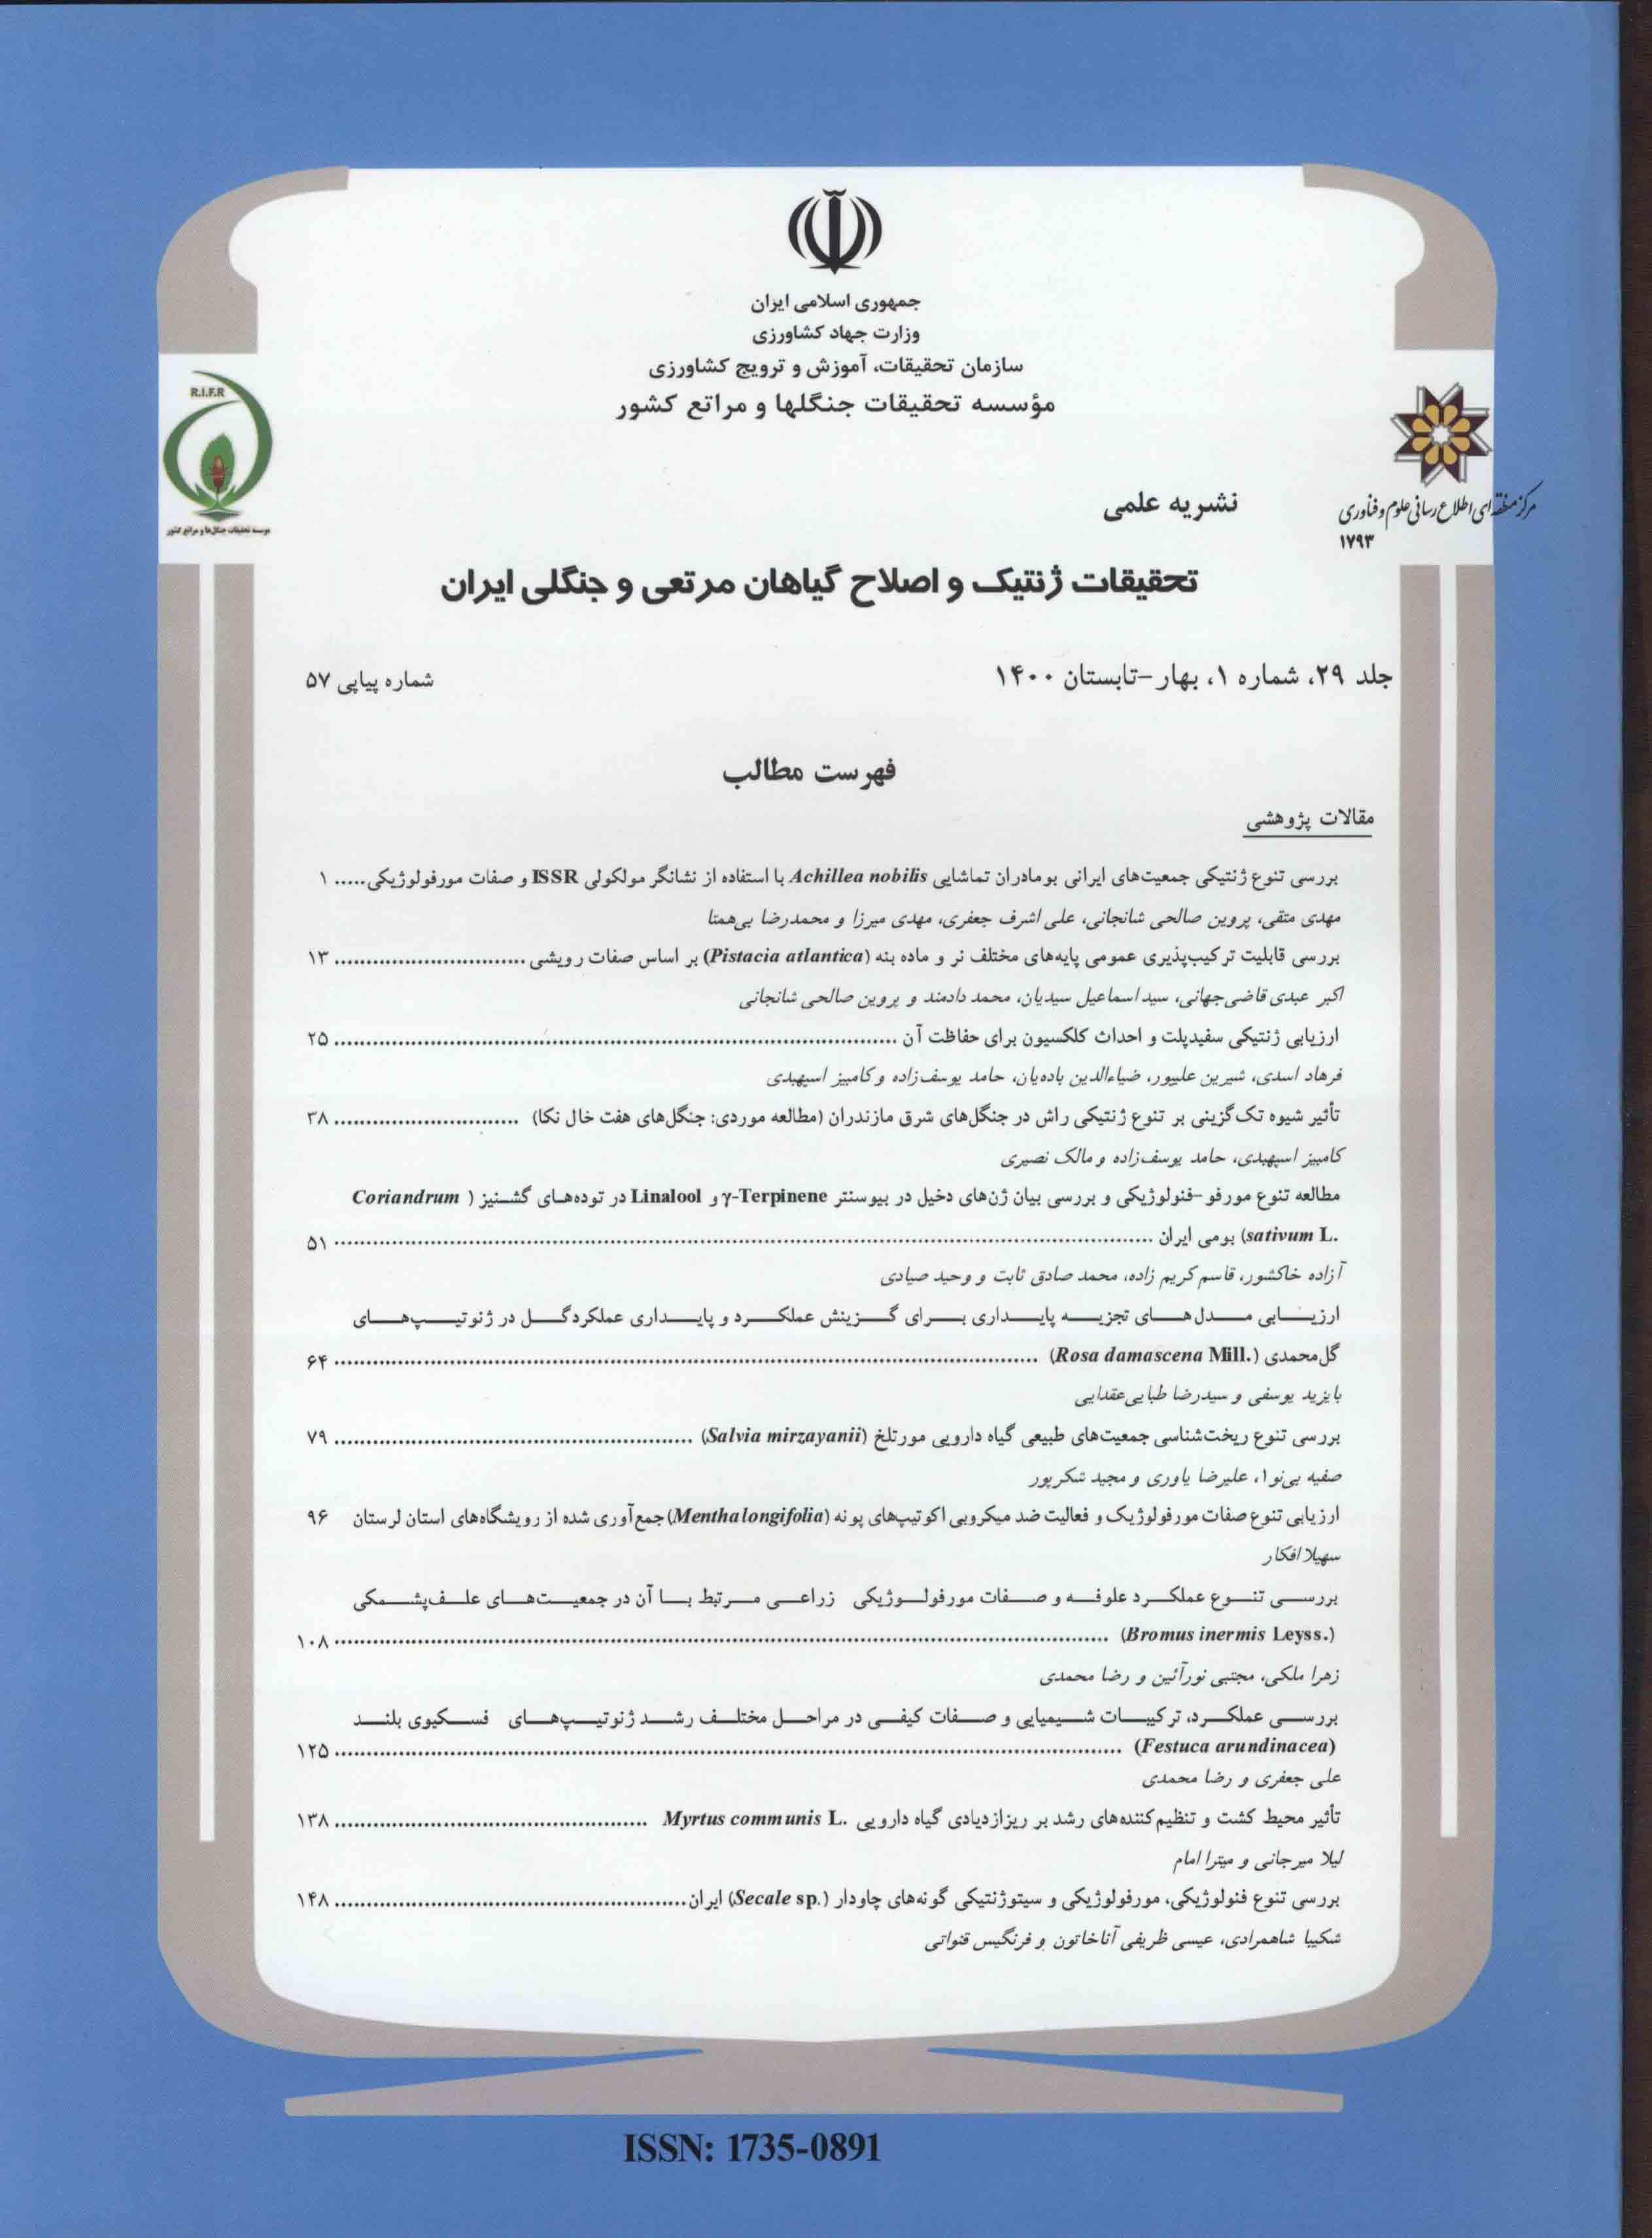 تحقیقات ژنتیک و اصلاح گیاهان مرتعی و جنگلی ایران